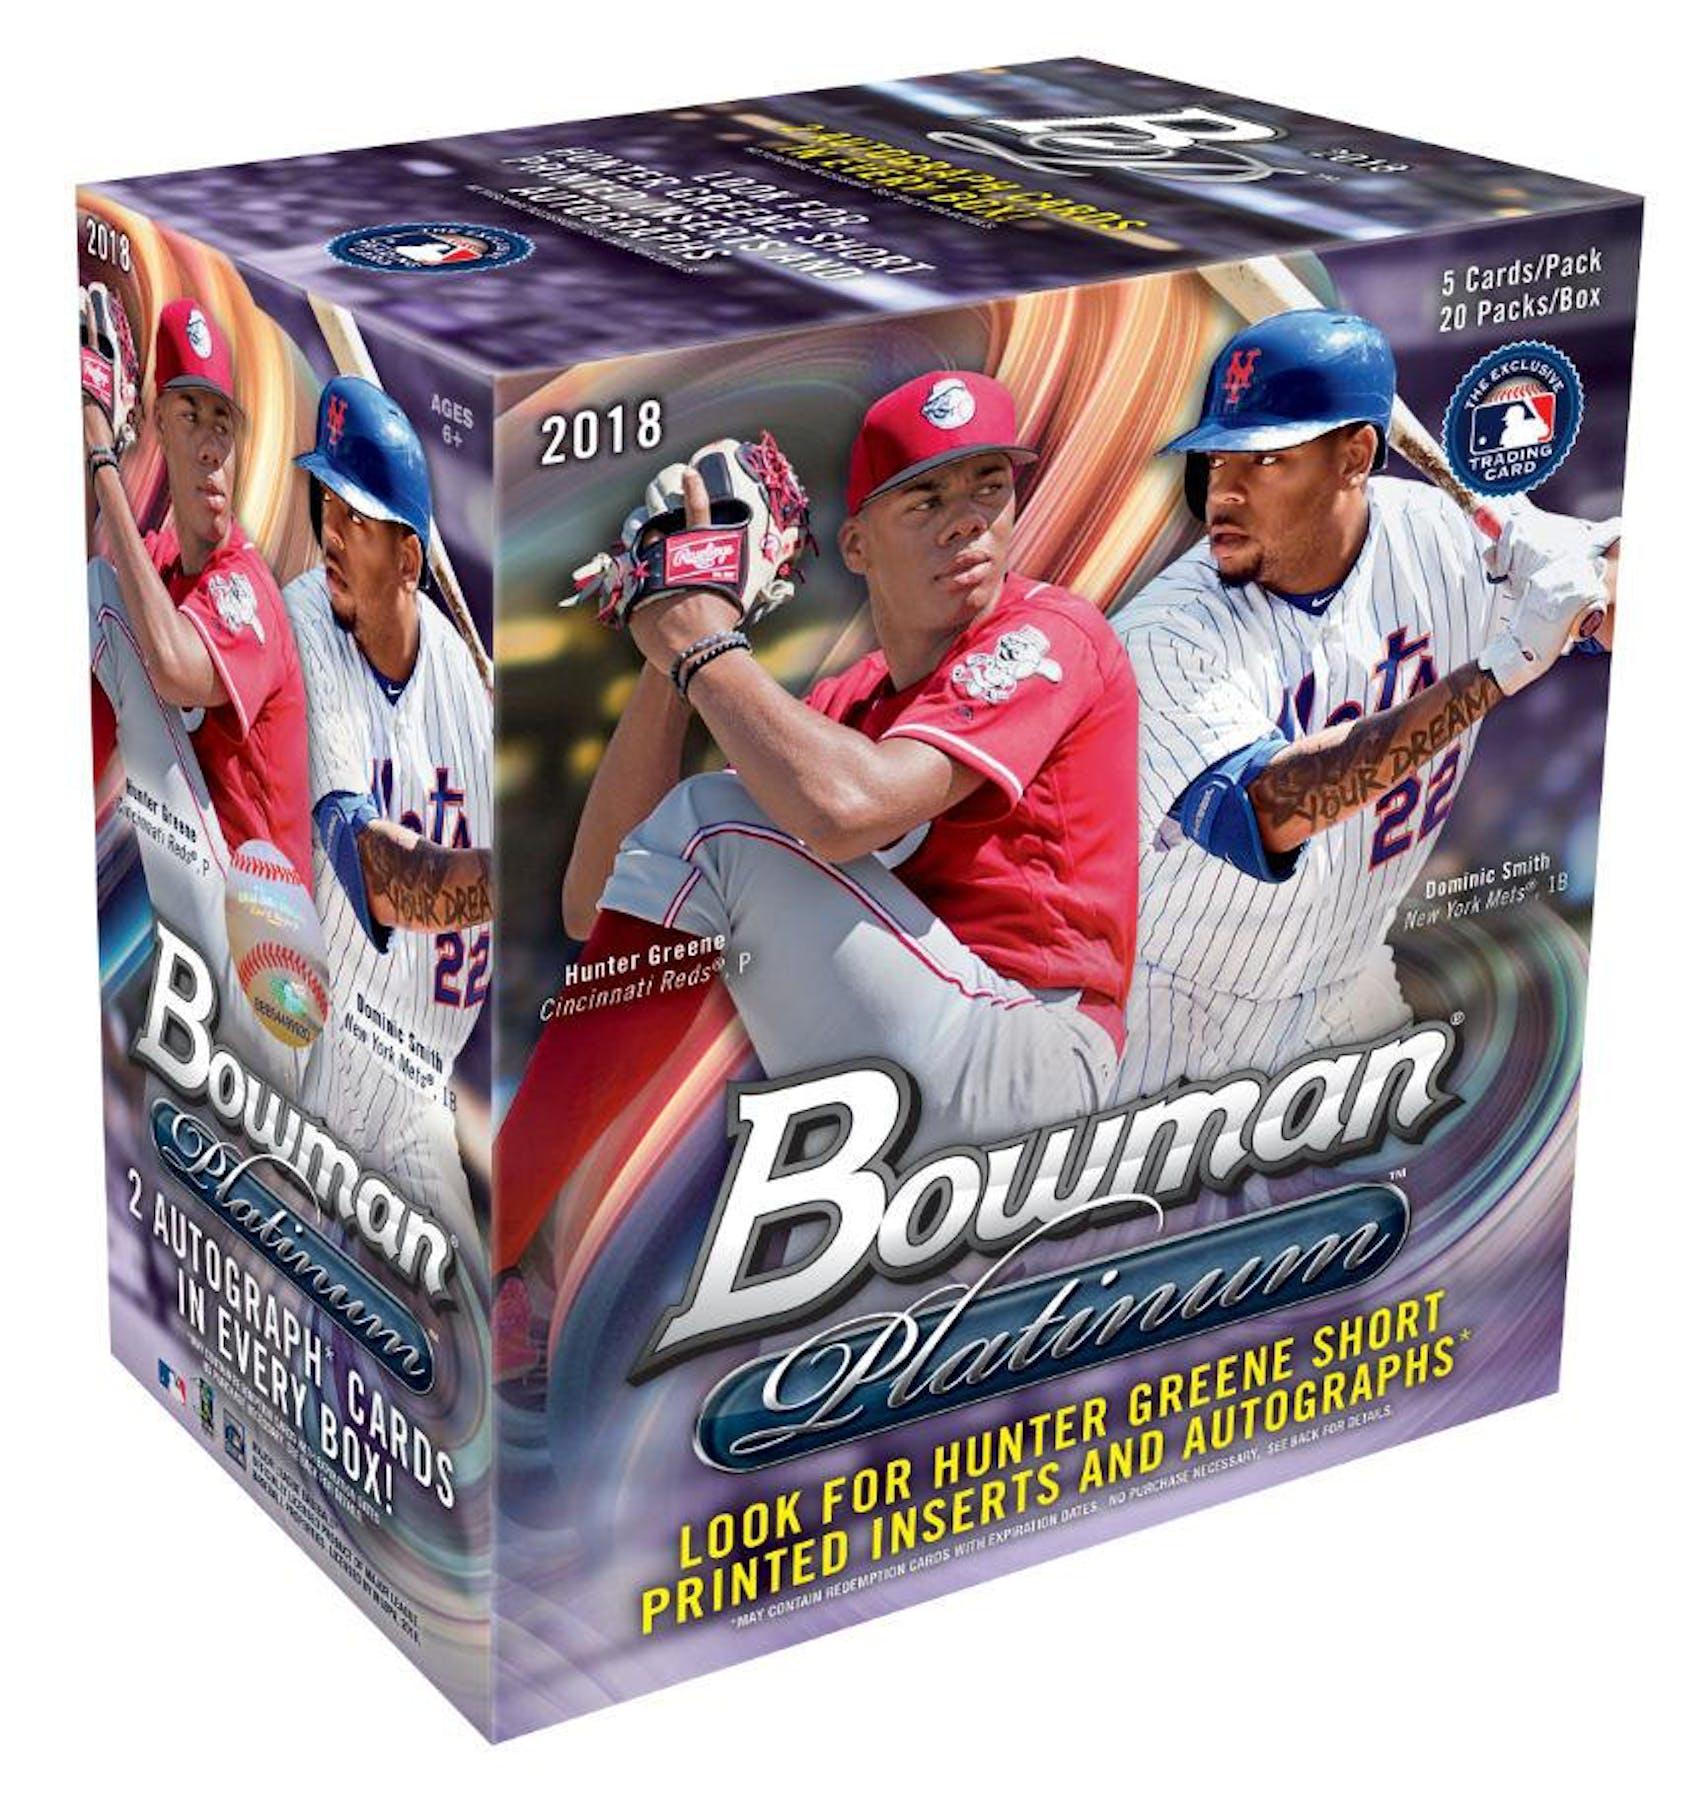 2018 Bowman Platinum Baseball Collector Box Da Card World